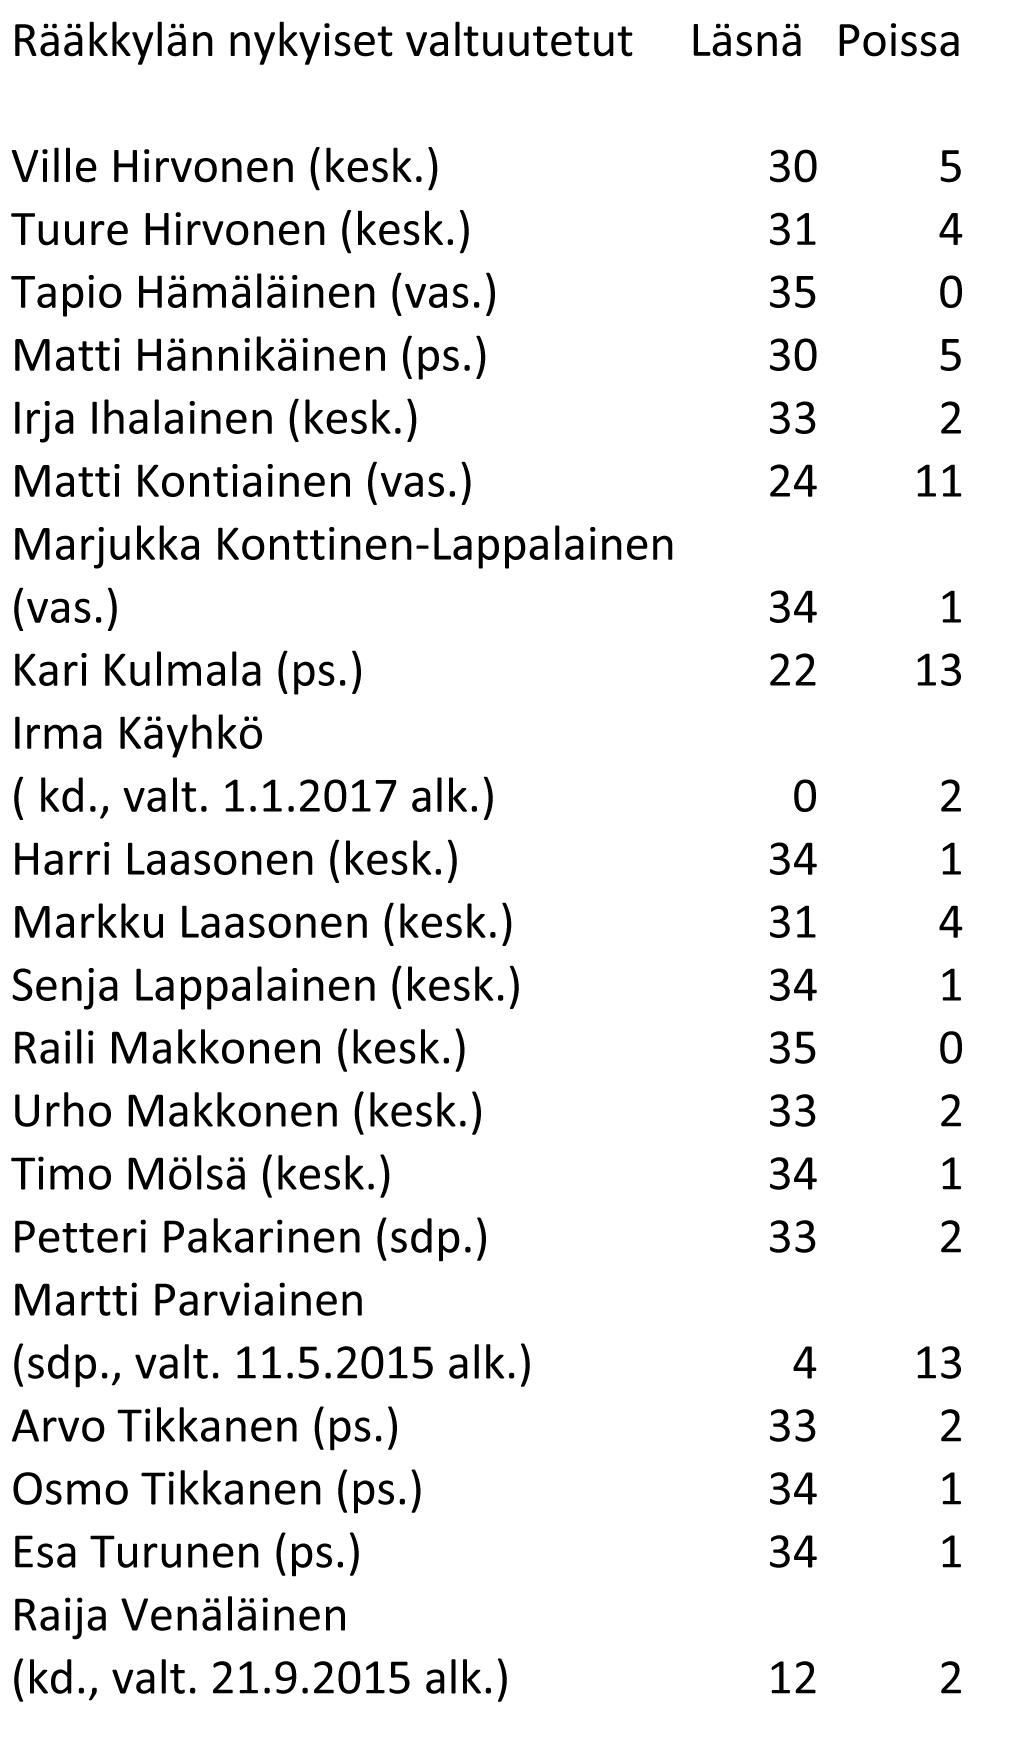 0604valtuutettujen osallistuminen rääkkylä Taulukko1-1